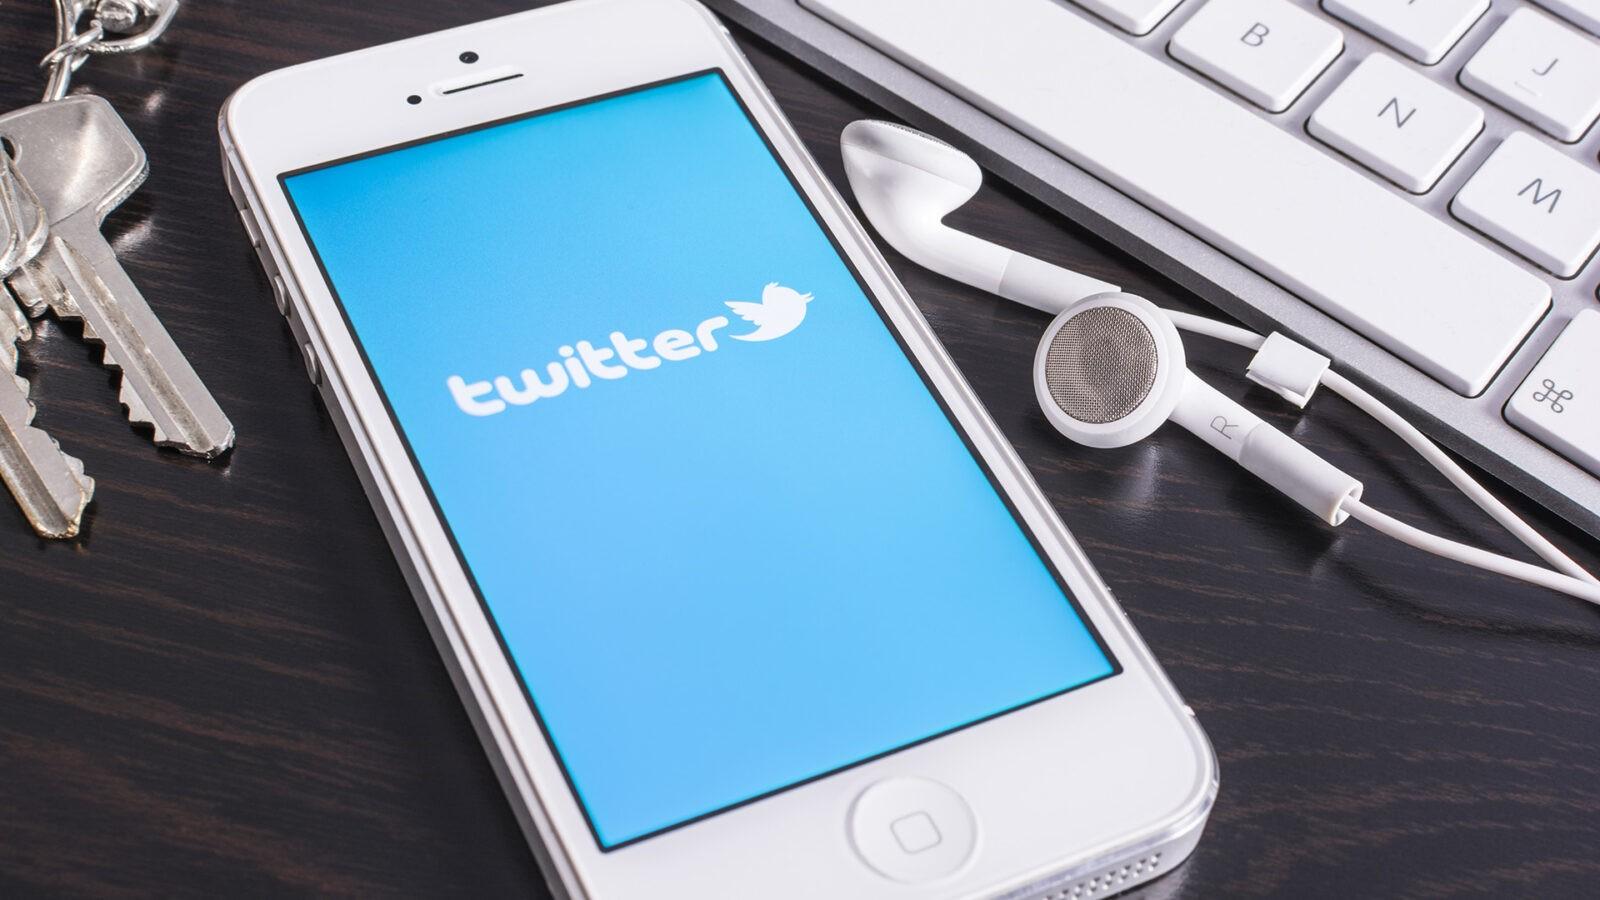 20140226 twitter iphone - Как сделать ссылку с картинки на аккаунт Твиттера